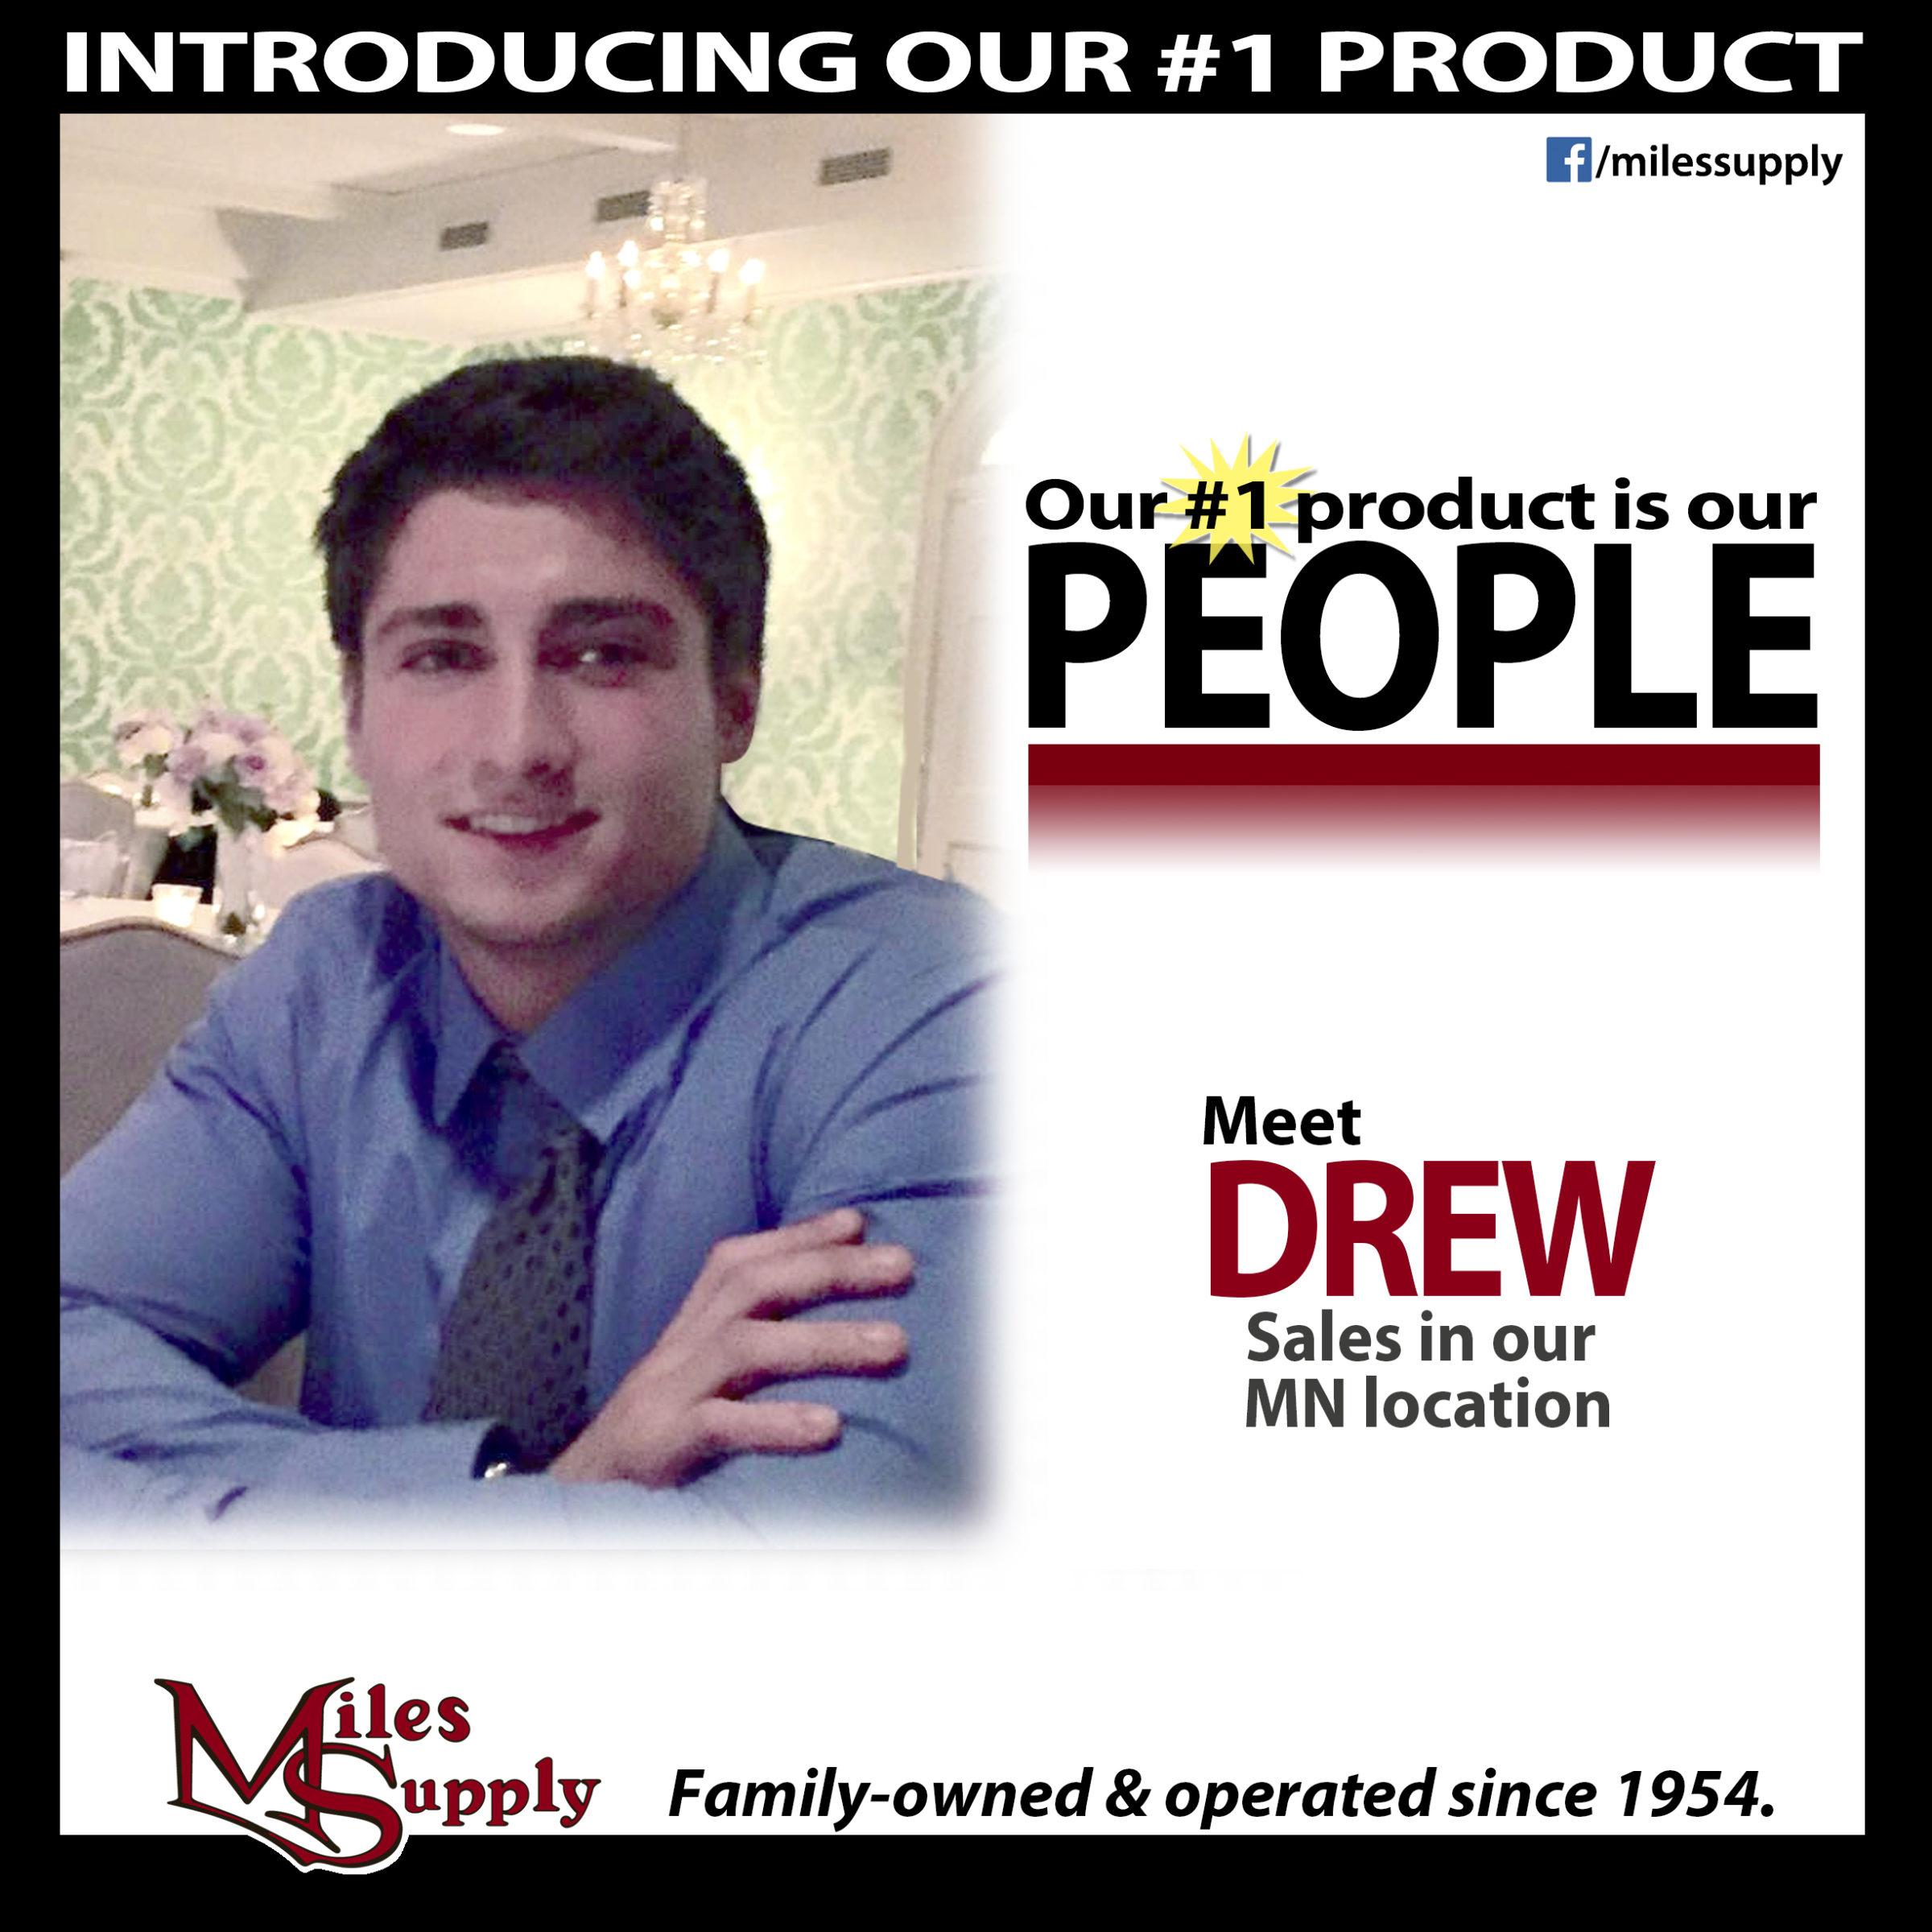 Drew - MN